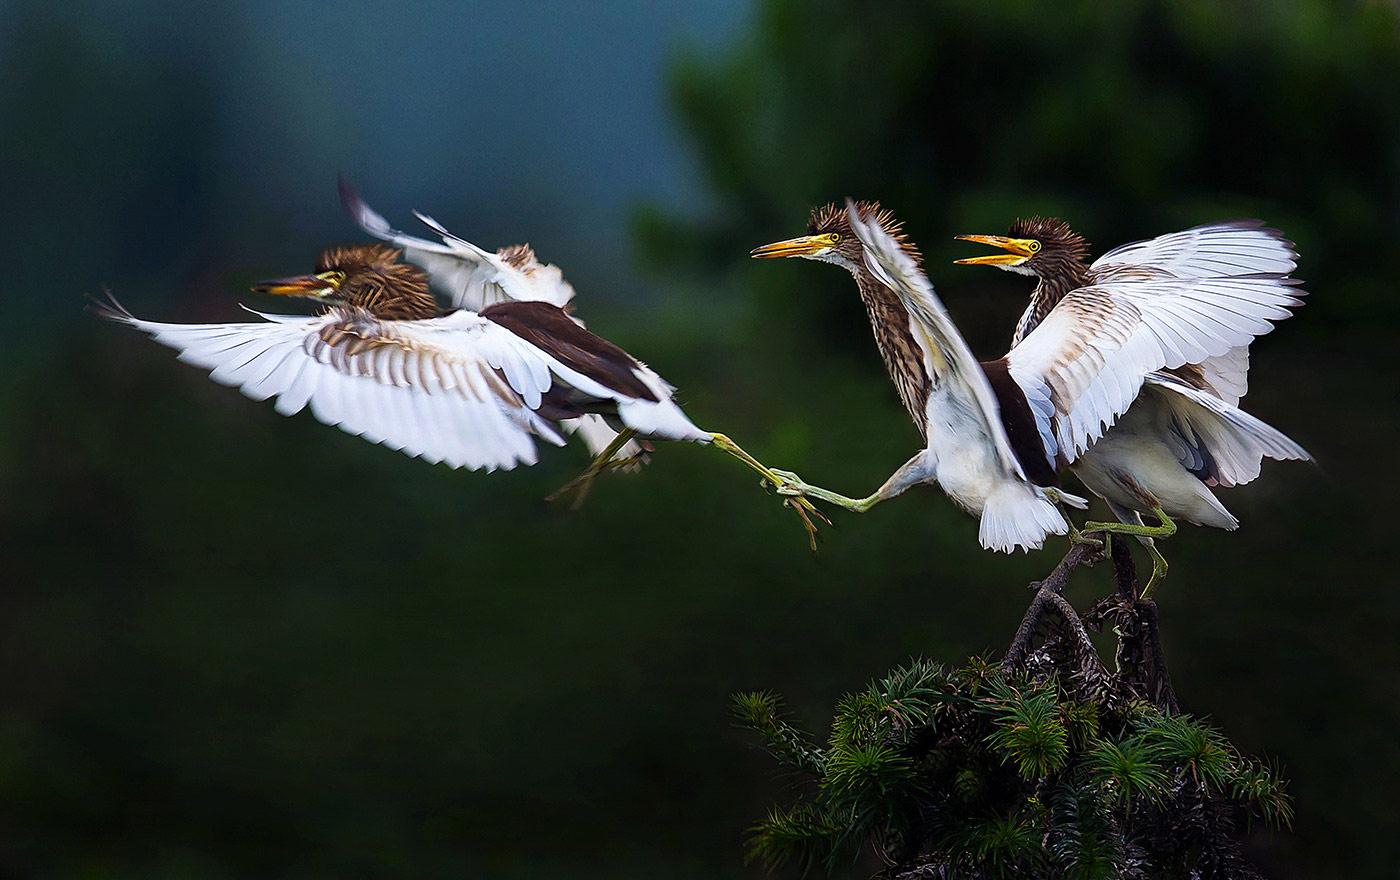 Не улетай. Фучжоу, Цзянси, Китай, © Цзяньхуэй Ляо, Наньчан, Китай, Высокая оценка в категории «Птицы», Фотоконкурс «Лучшая природная фотография Азии»